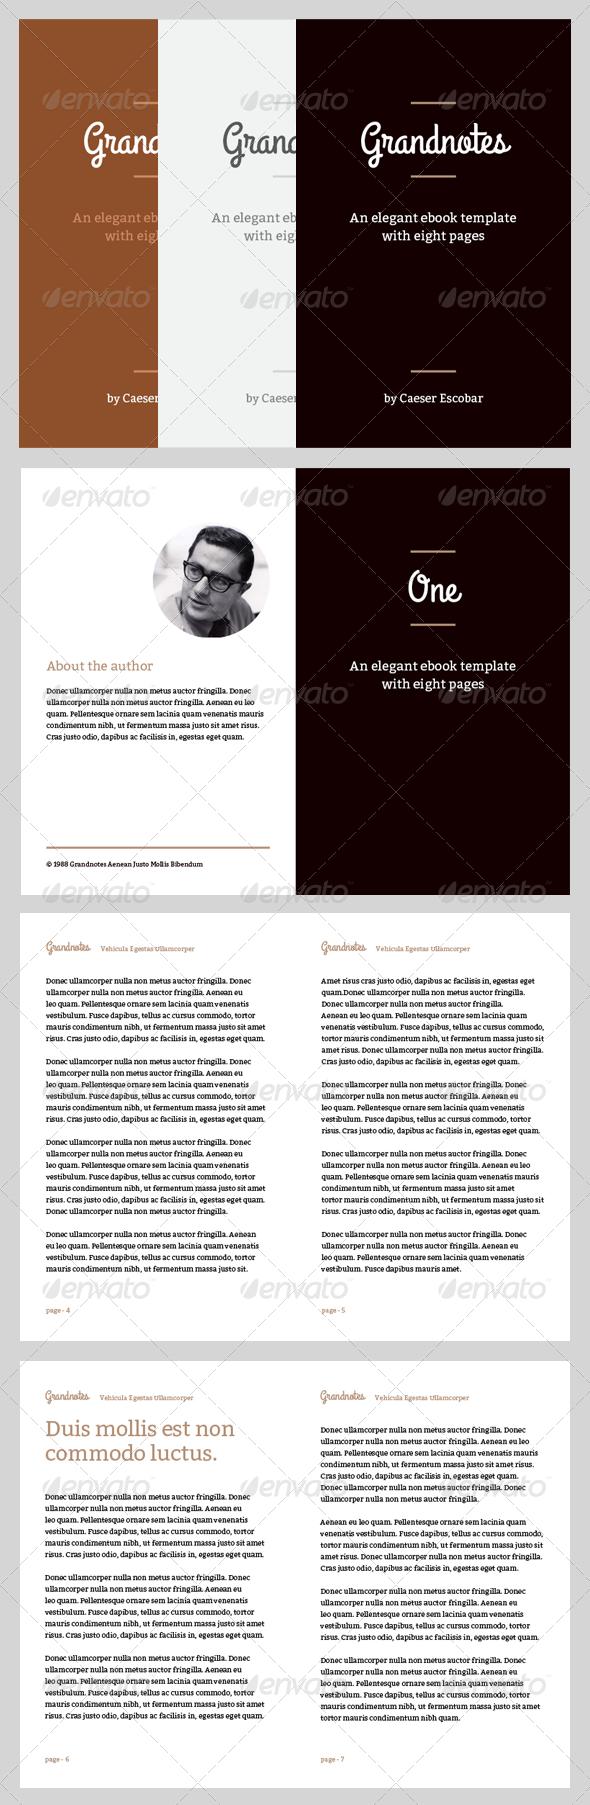 40+ Most Impressive eBook Mockups (PSD, InDesign) – Get for Print!